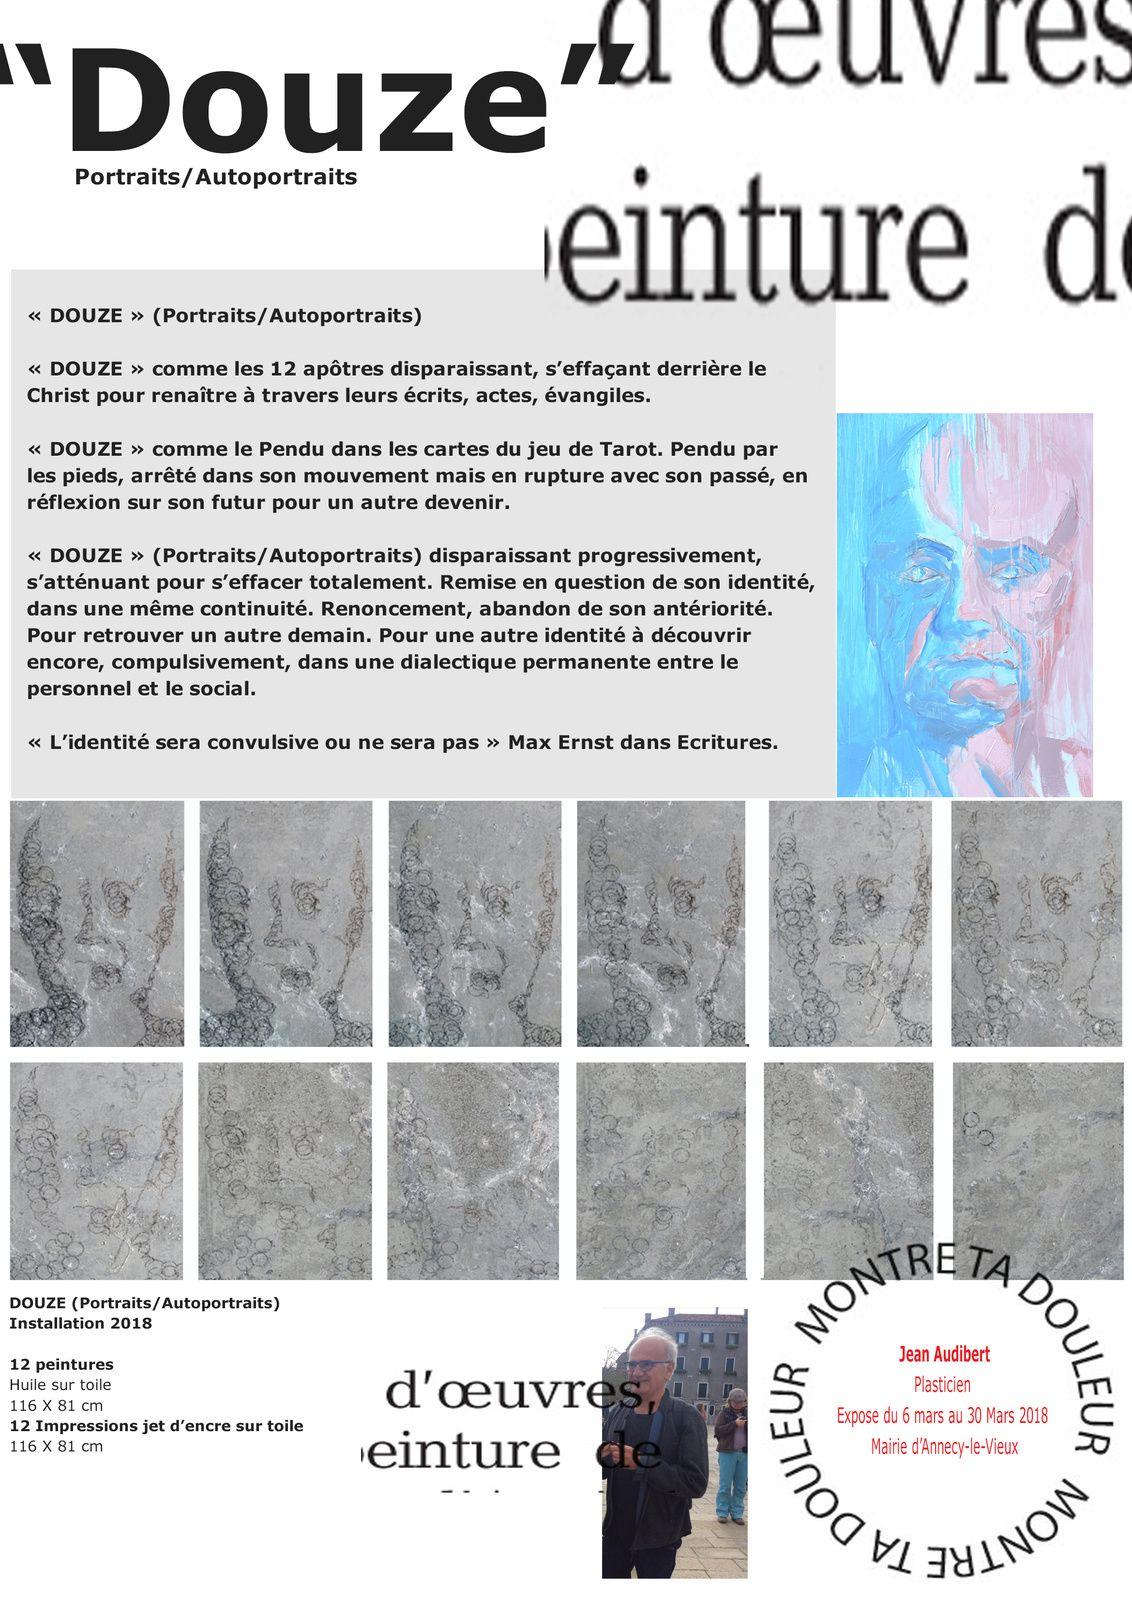 """Exposition """"Douze"""" /12 peintures/12 impressions jet d'encre sur toile /Mars 2018/Hôtel de ville d'Annecy-le-Vieux"""